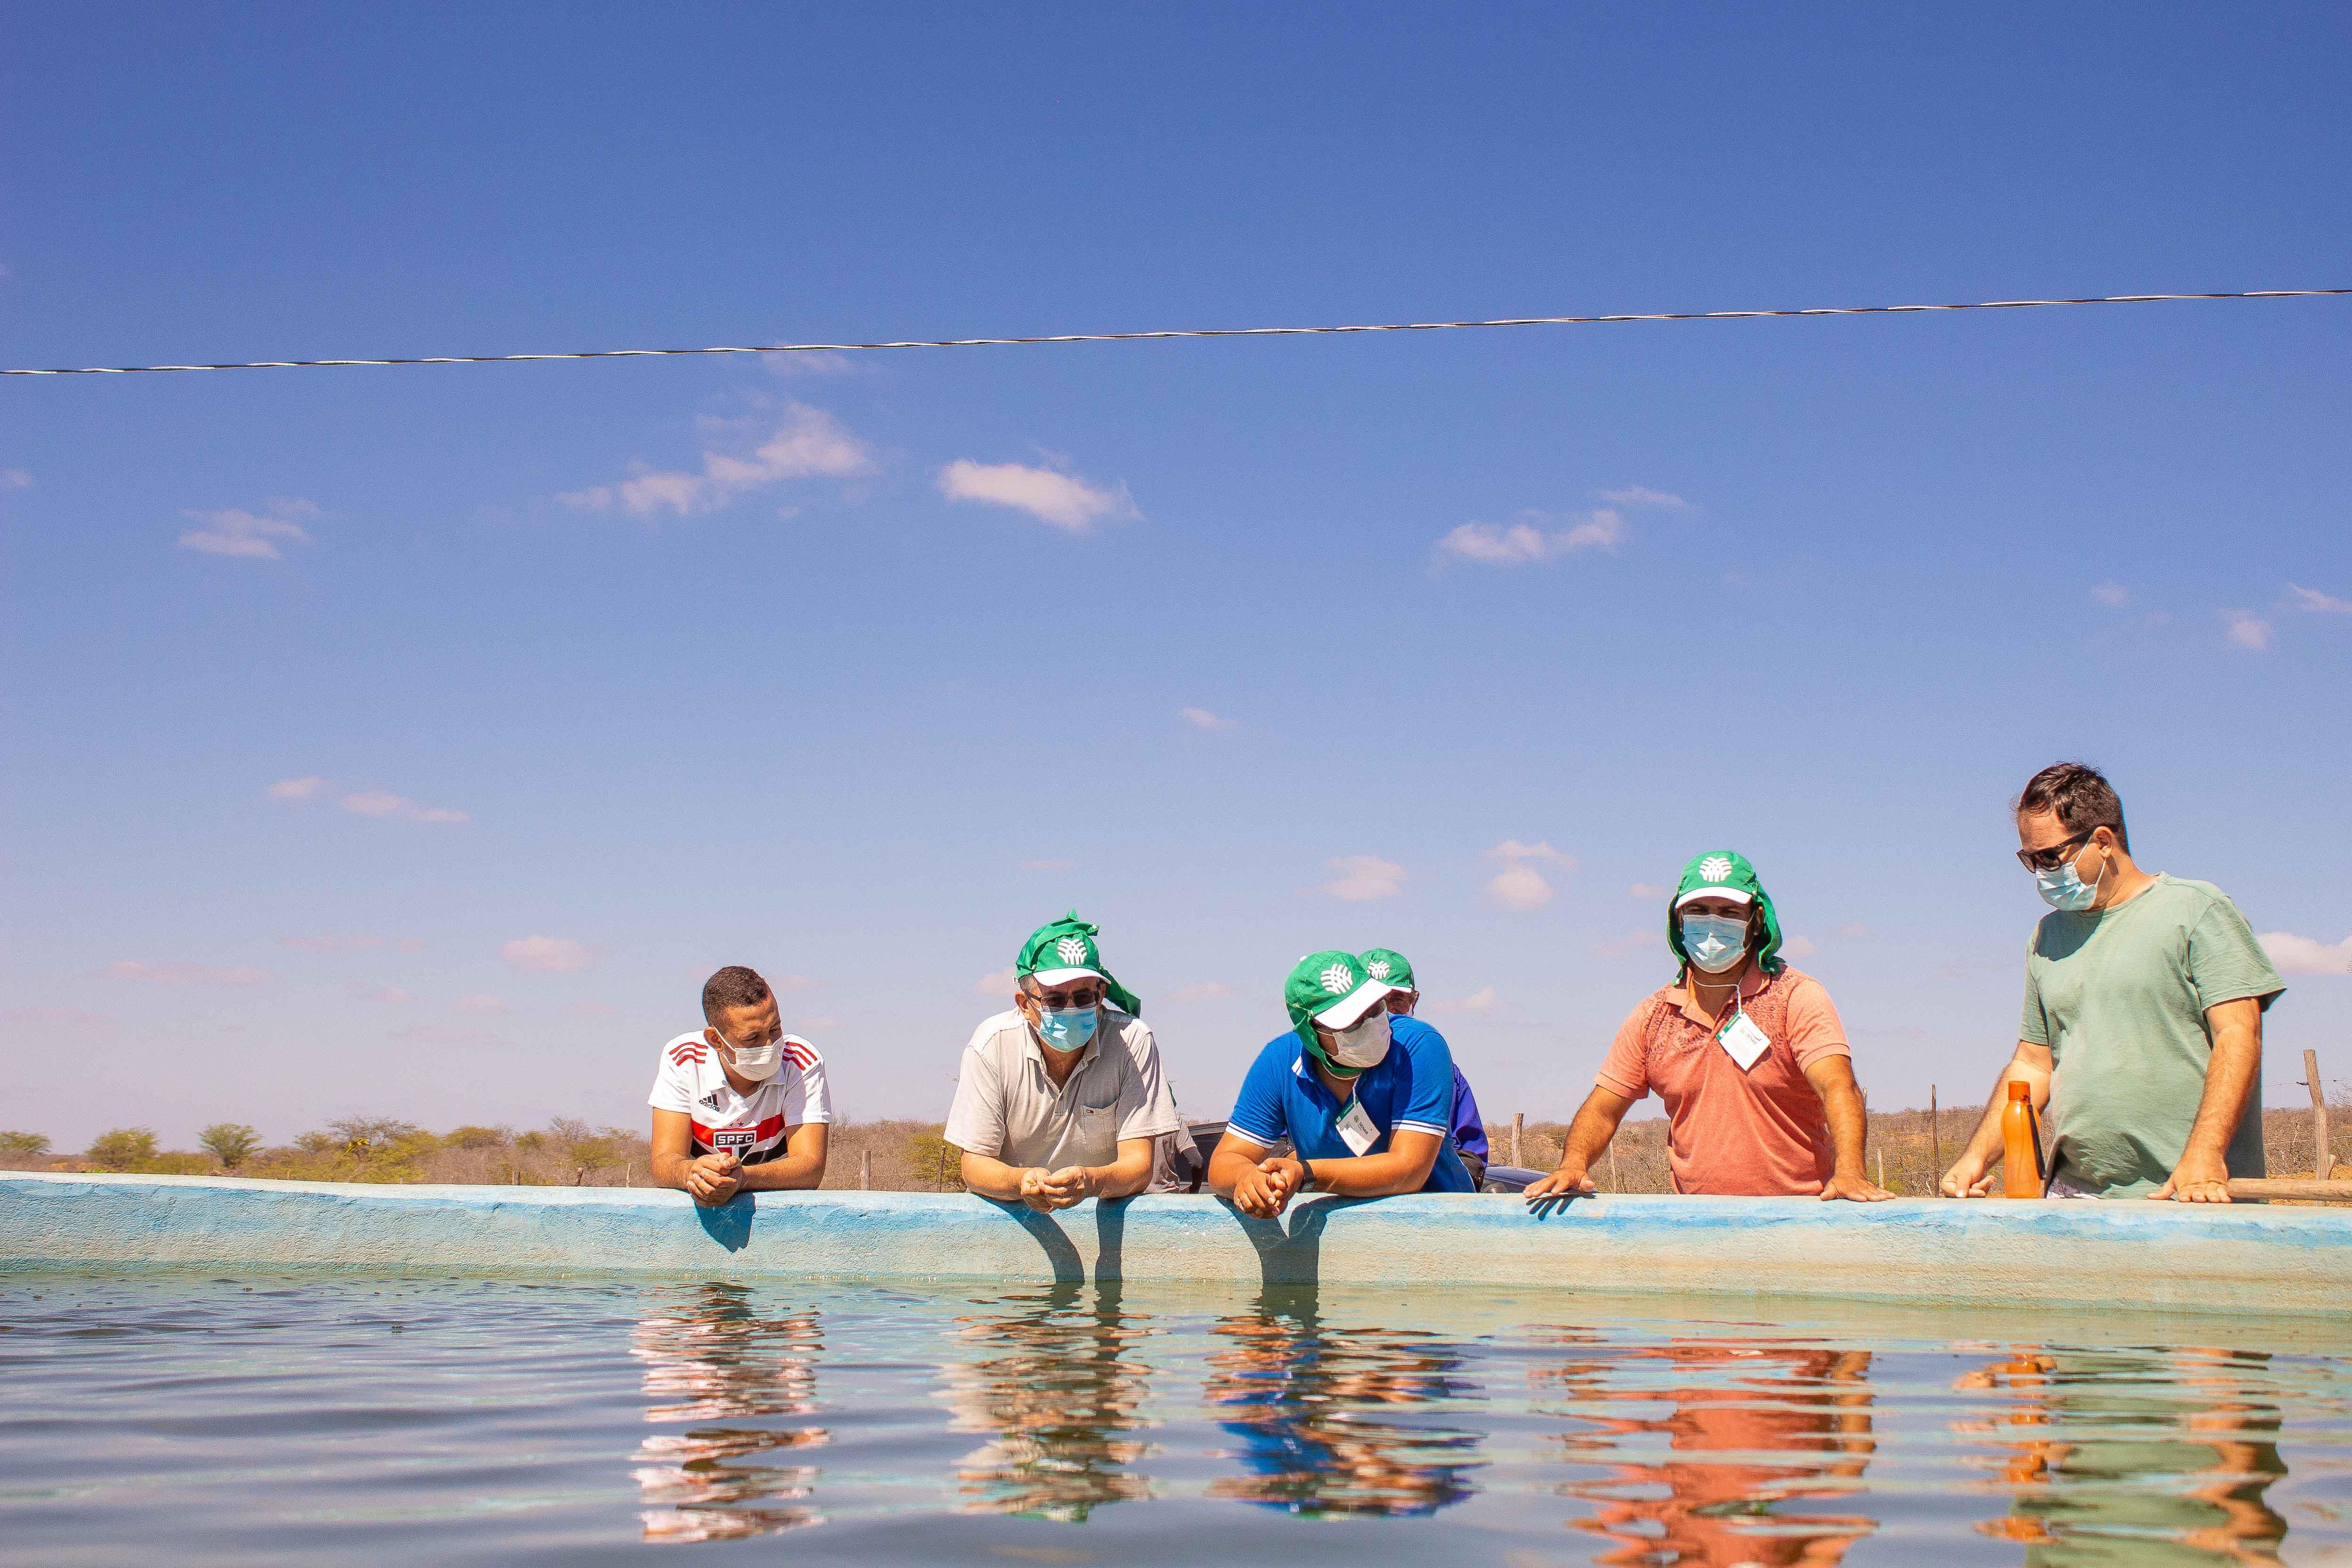 2021-09-17-e-19-curso-piscicultura-francisco-cesar-4681.jpg